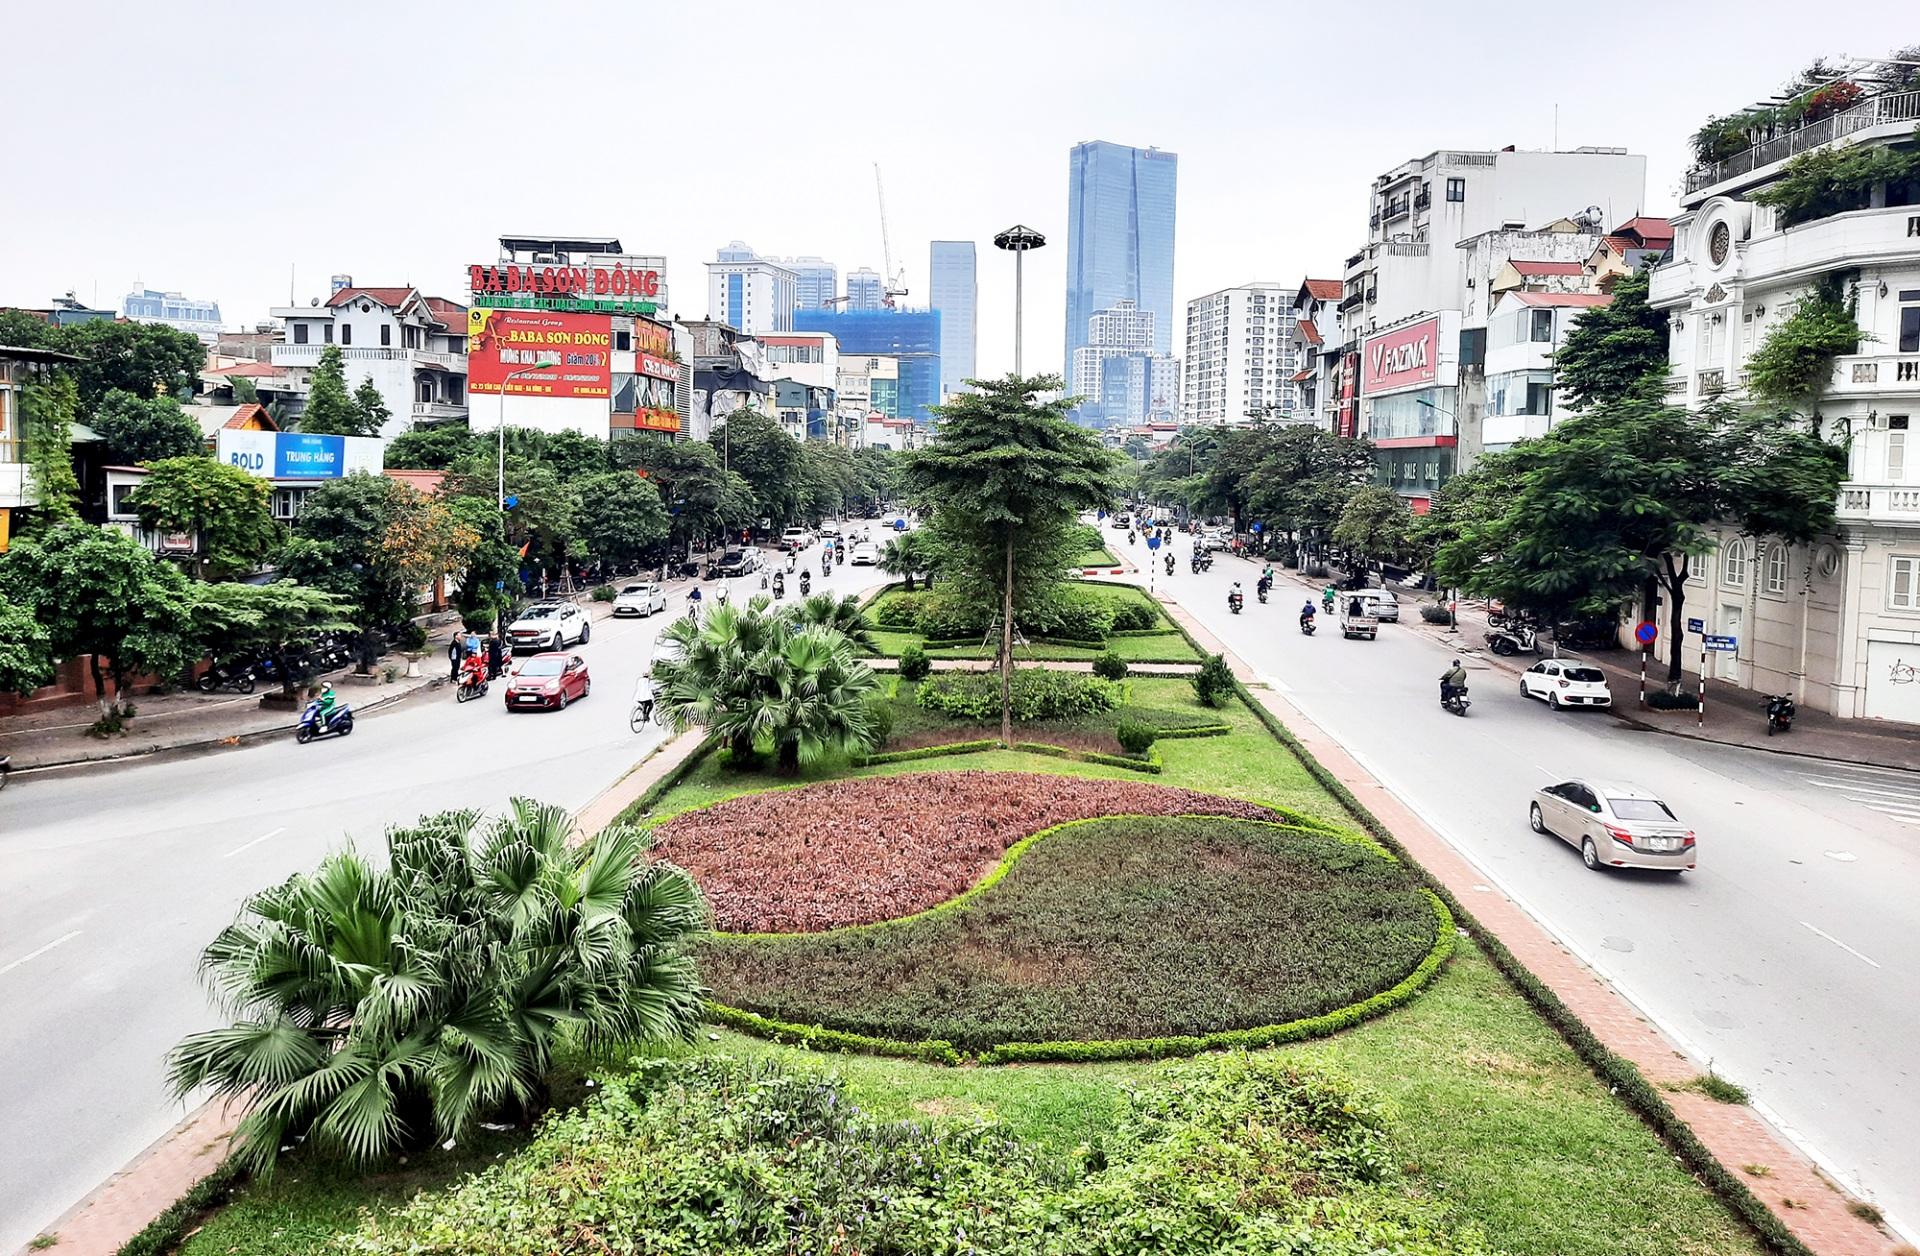 Tối ưu kiến trúc, cảnh quan, cây xanh những điều kiện cần để phát triển đô thị theo hướng văn minh - hiện đại